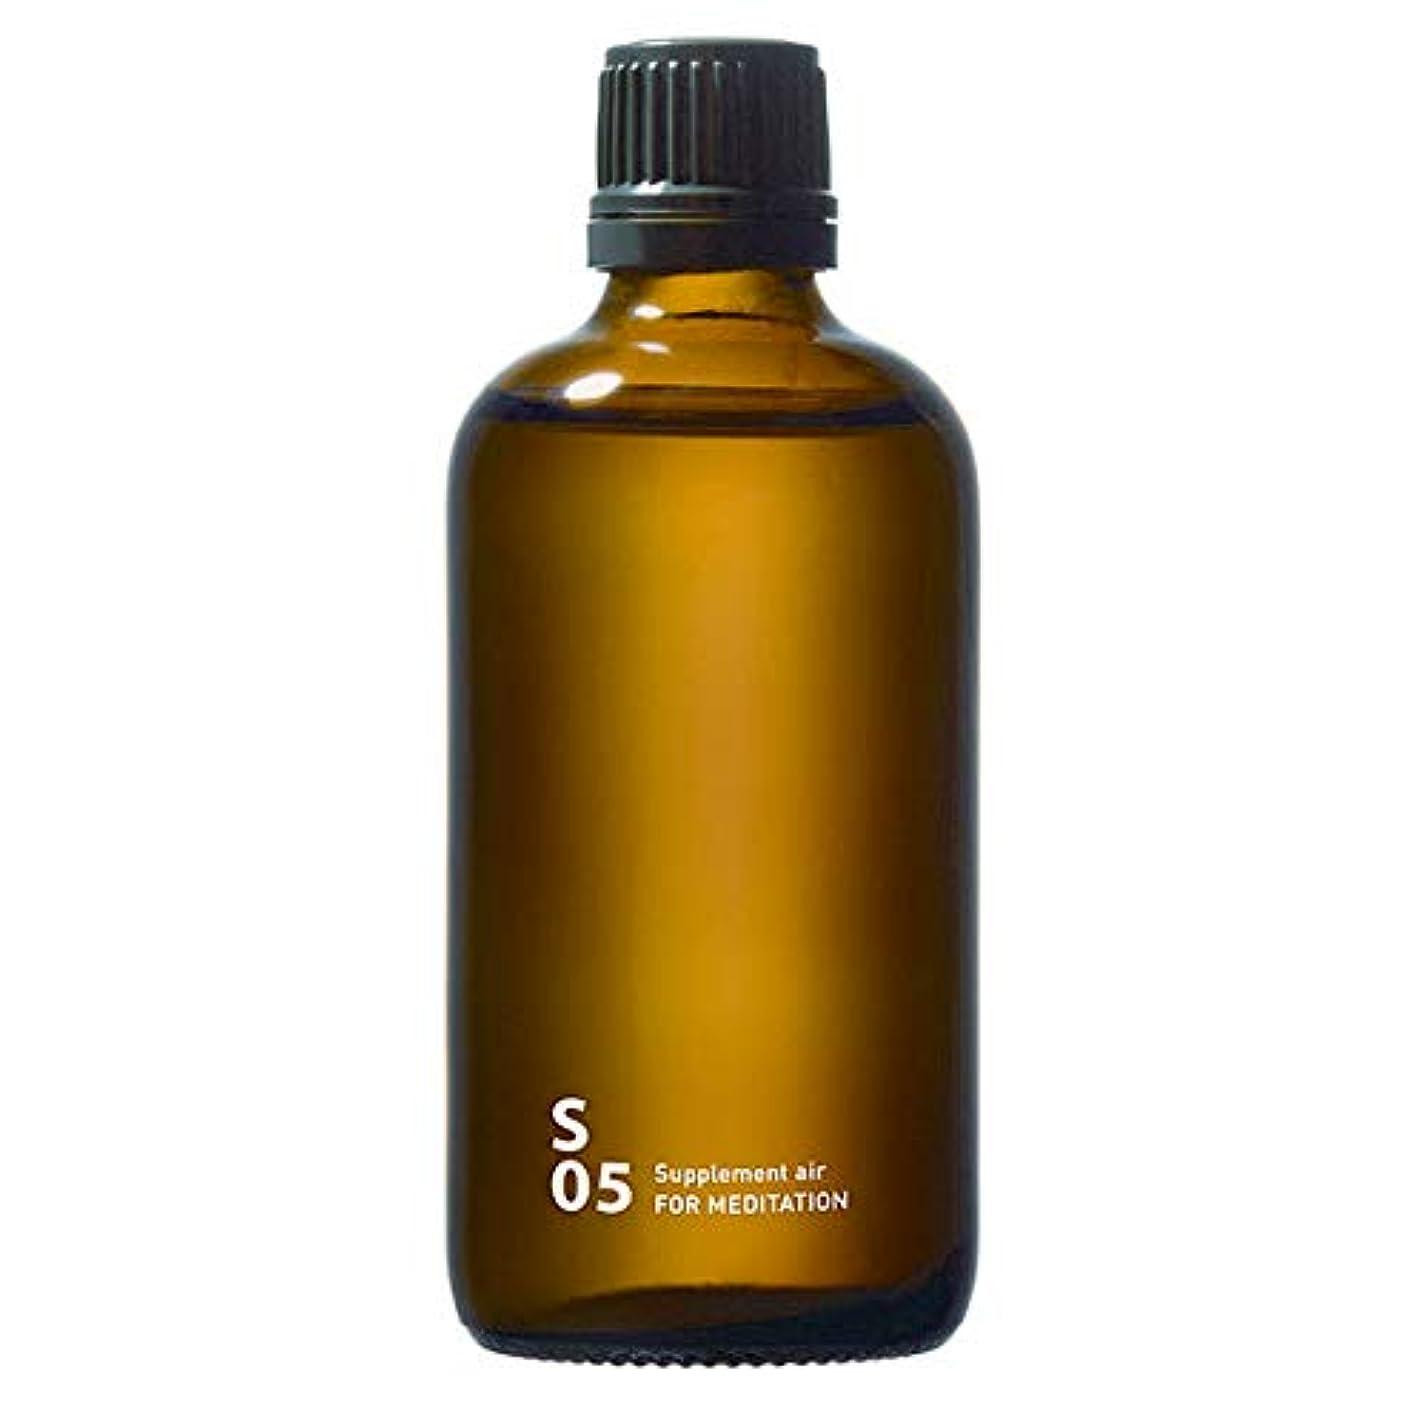 アンプ廃止する温度S05 FOR MEDITATION piezo aroma oil 100ml